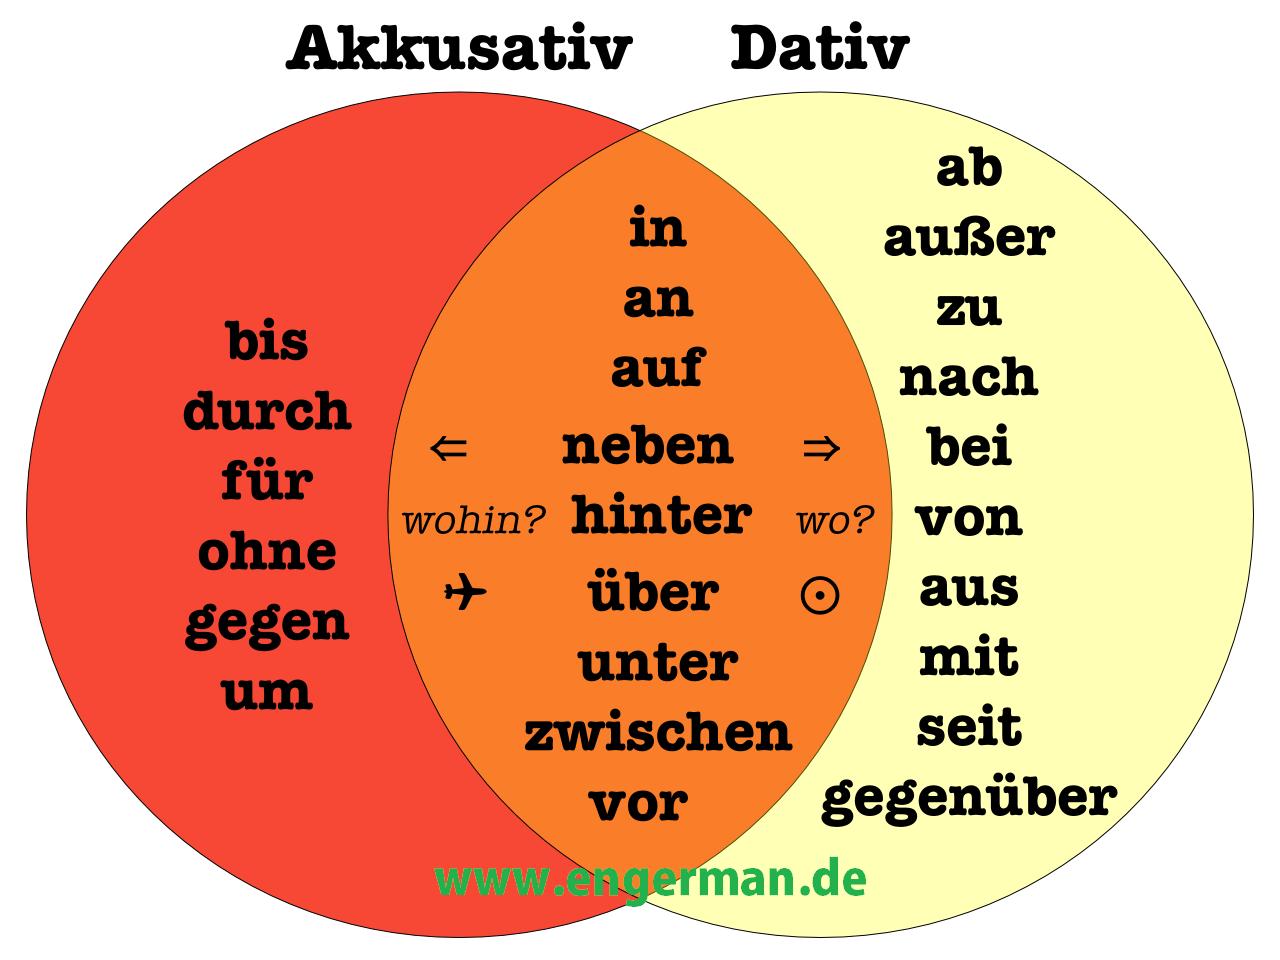 7 ways to a german language hpm light batten wiring diagram grammar prapositionen mit dativ und akkusativ